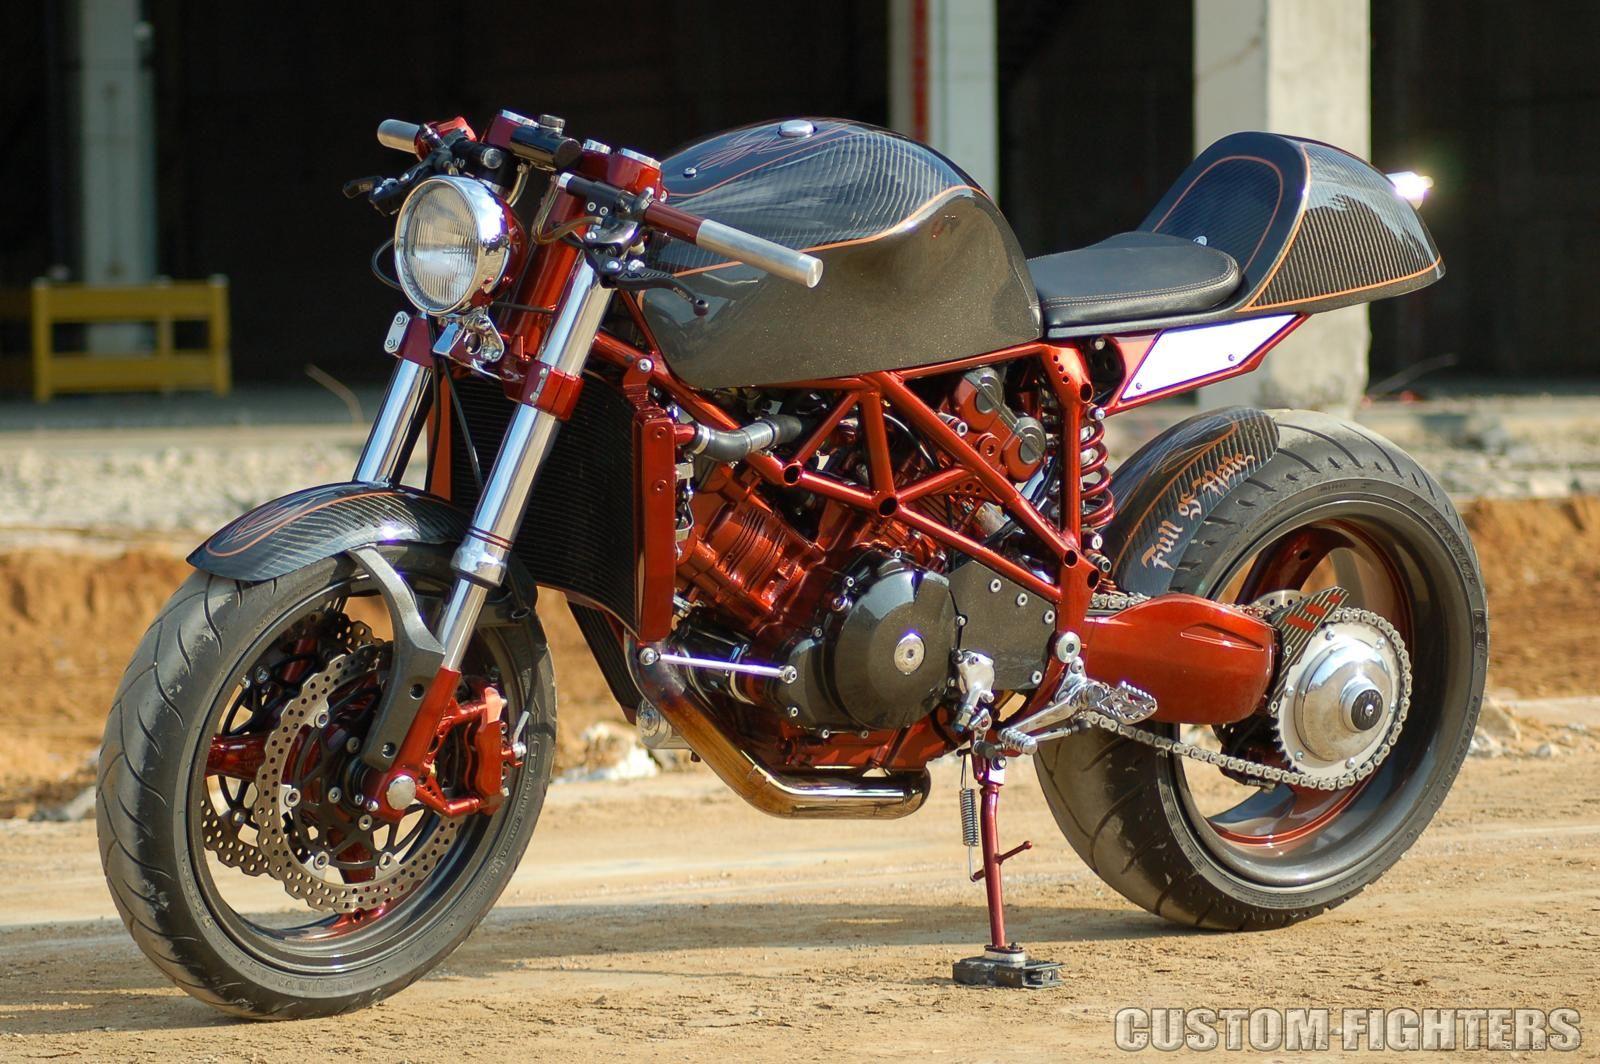 Cafe Racer Cafe Racer Motorcycle Custom Cafe Racer Cafe Bike